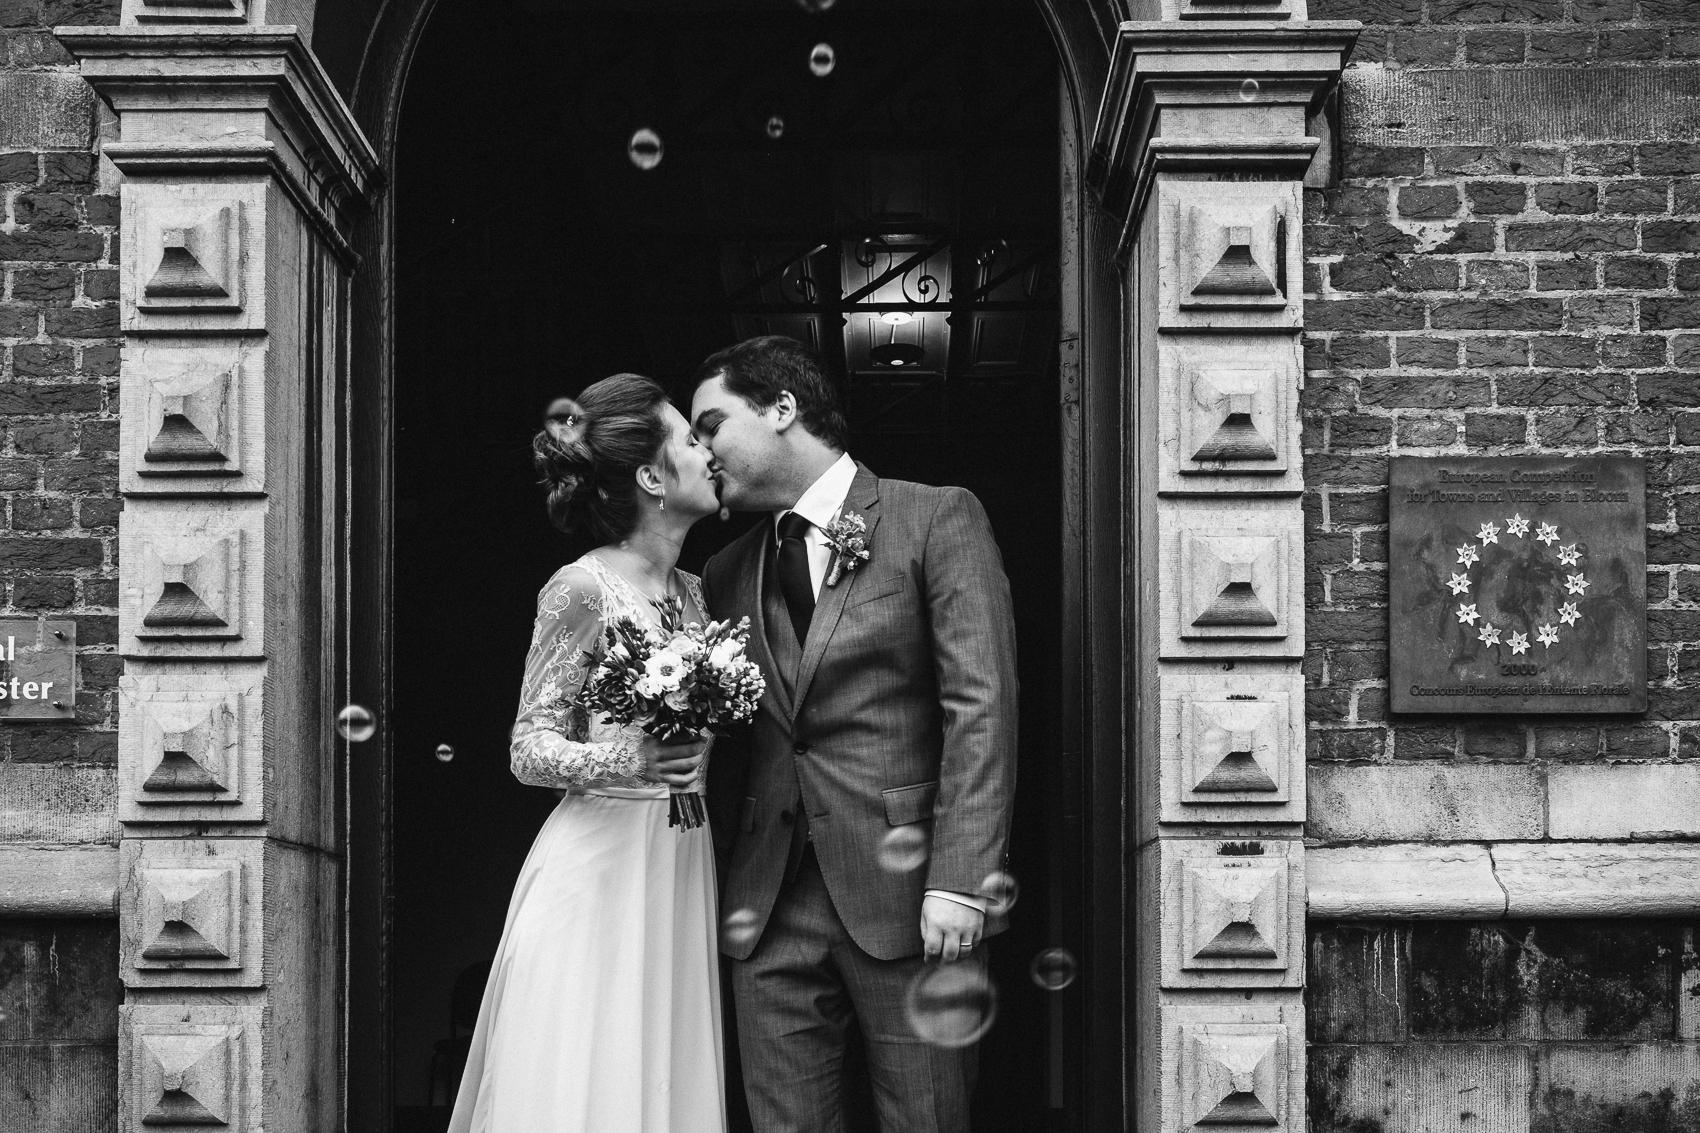 iso800 - huwelijksfotograaf Laura en Gijs Antwerpen-18.jpg